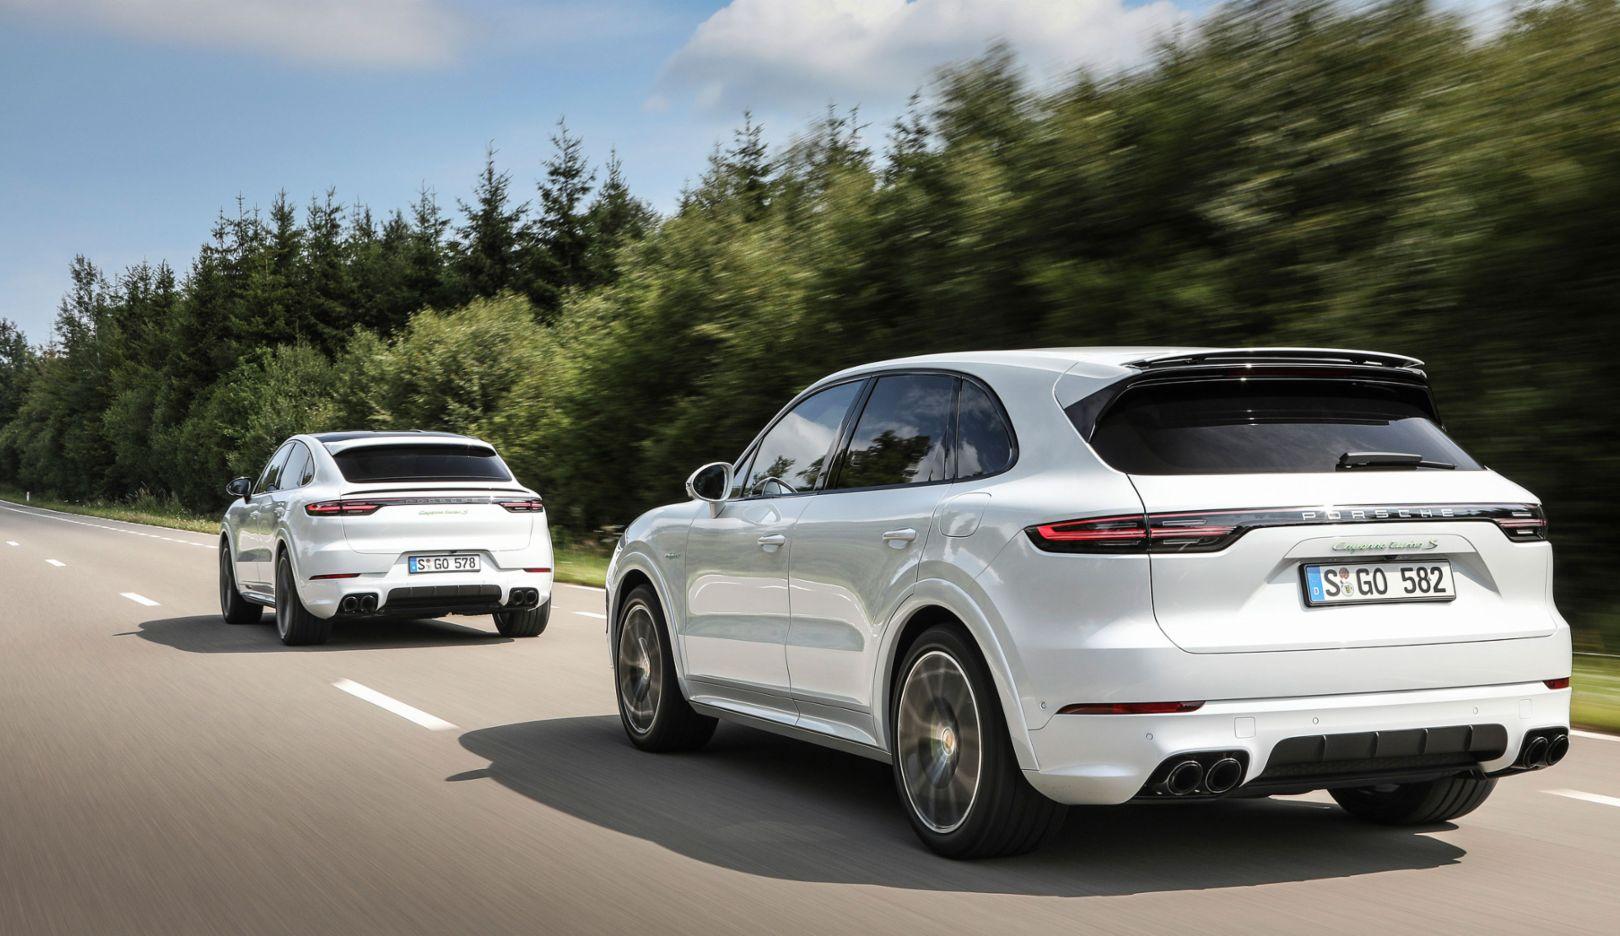 Comment importer une voiture Porsche d'Allemagne ?